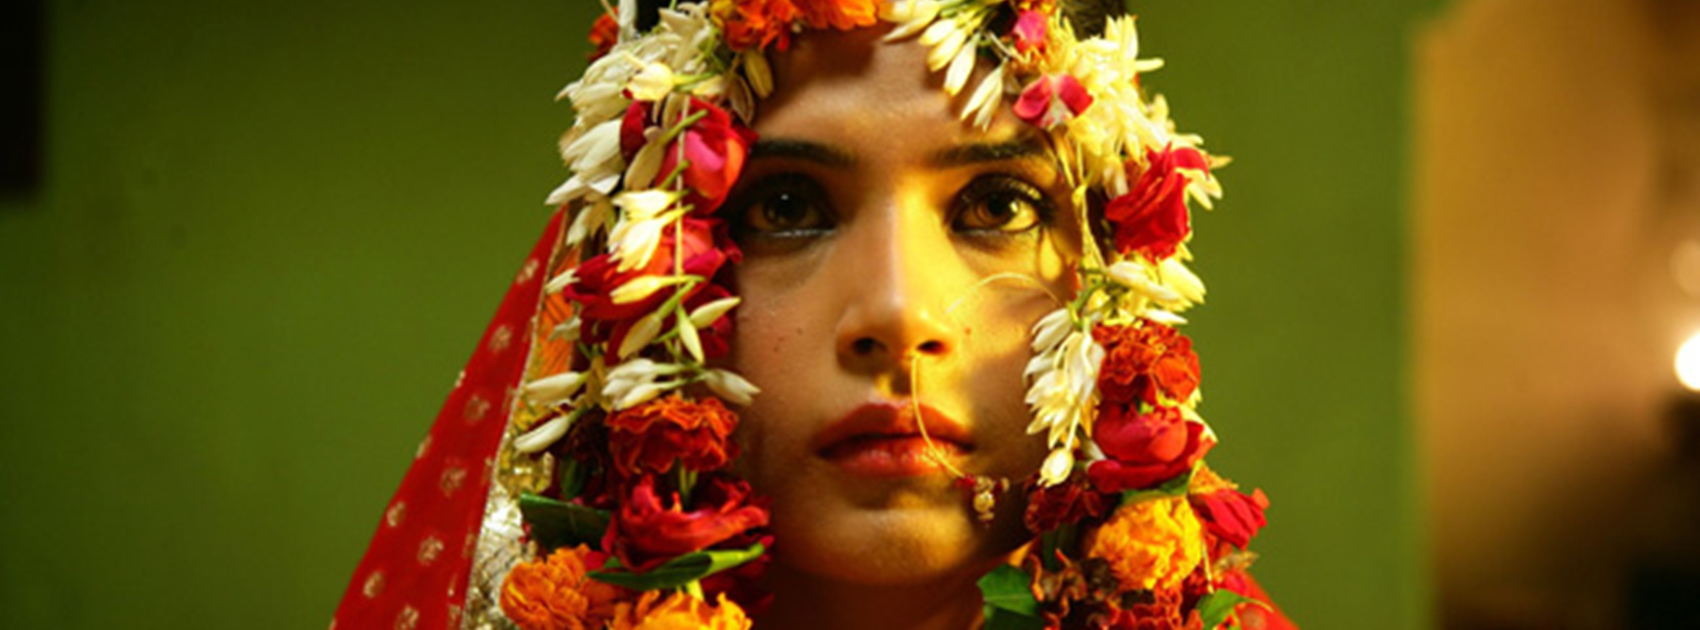 Prochaine édition <br/> ///////////////////////////////// <br/> Reflets <br/> du cinéma indien <br/> du 16 au 27 mars 2018, <br/> en Mayenne